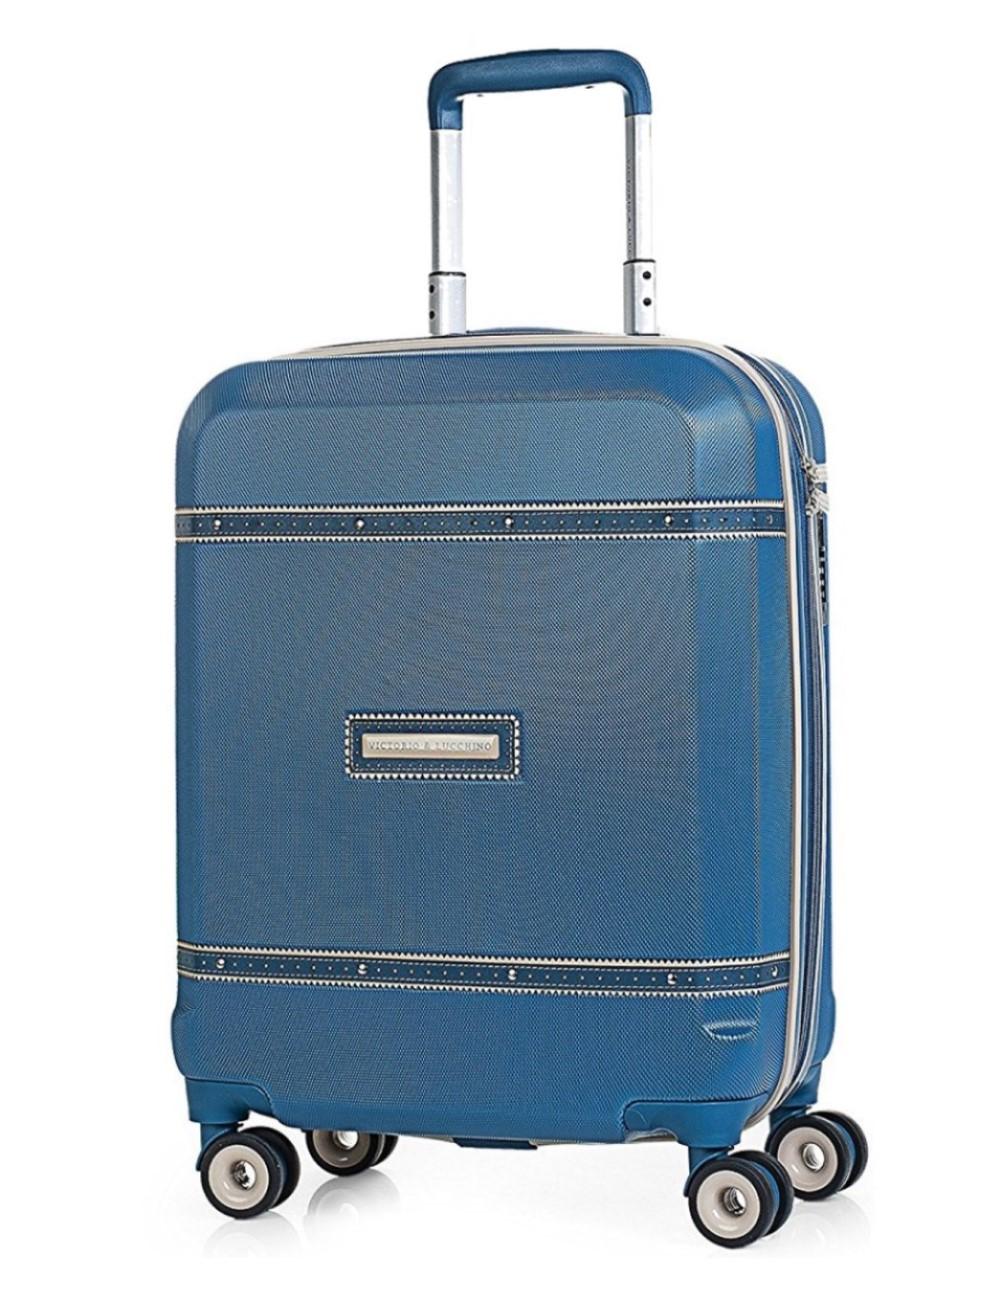 5605002 Maleta de cabina Victorio & Lucchino Mercurio Azul